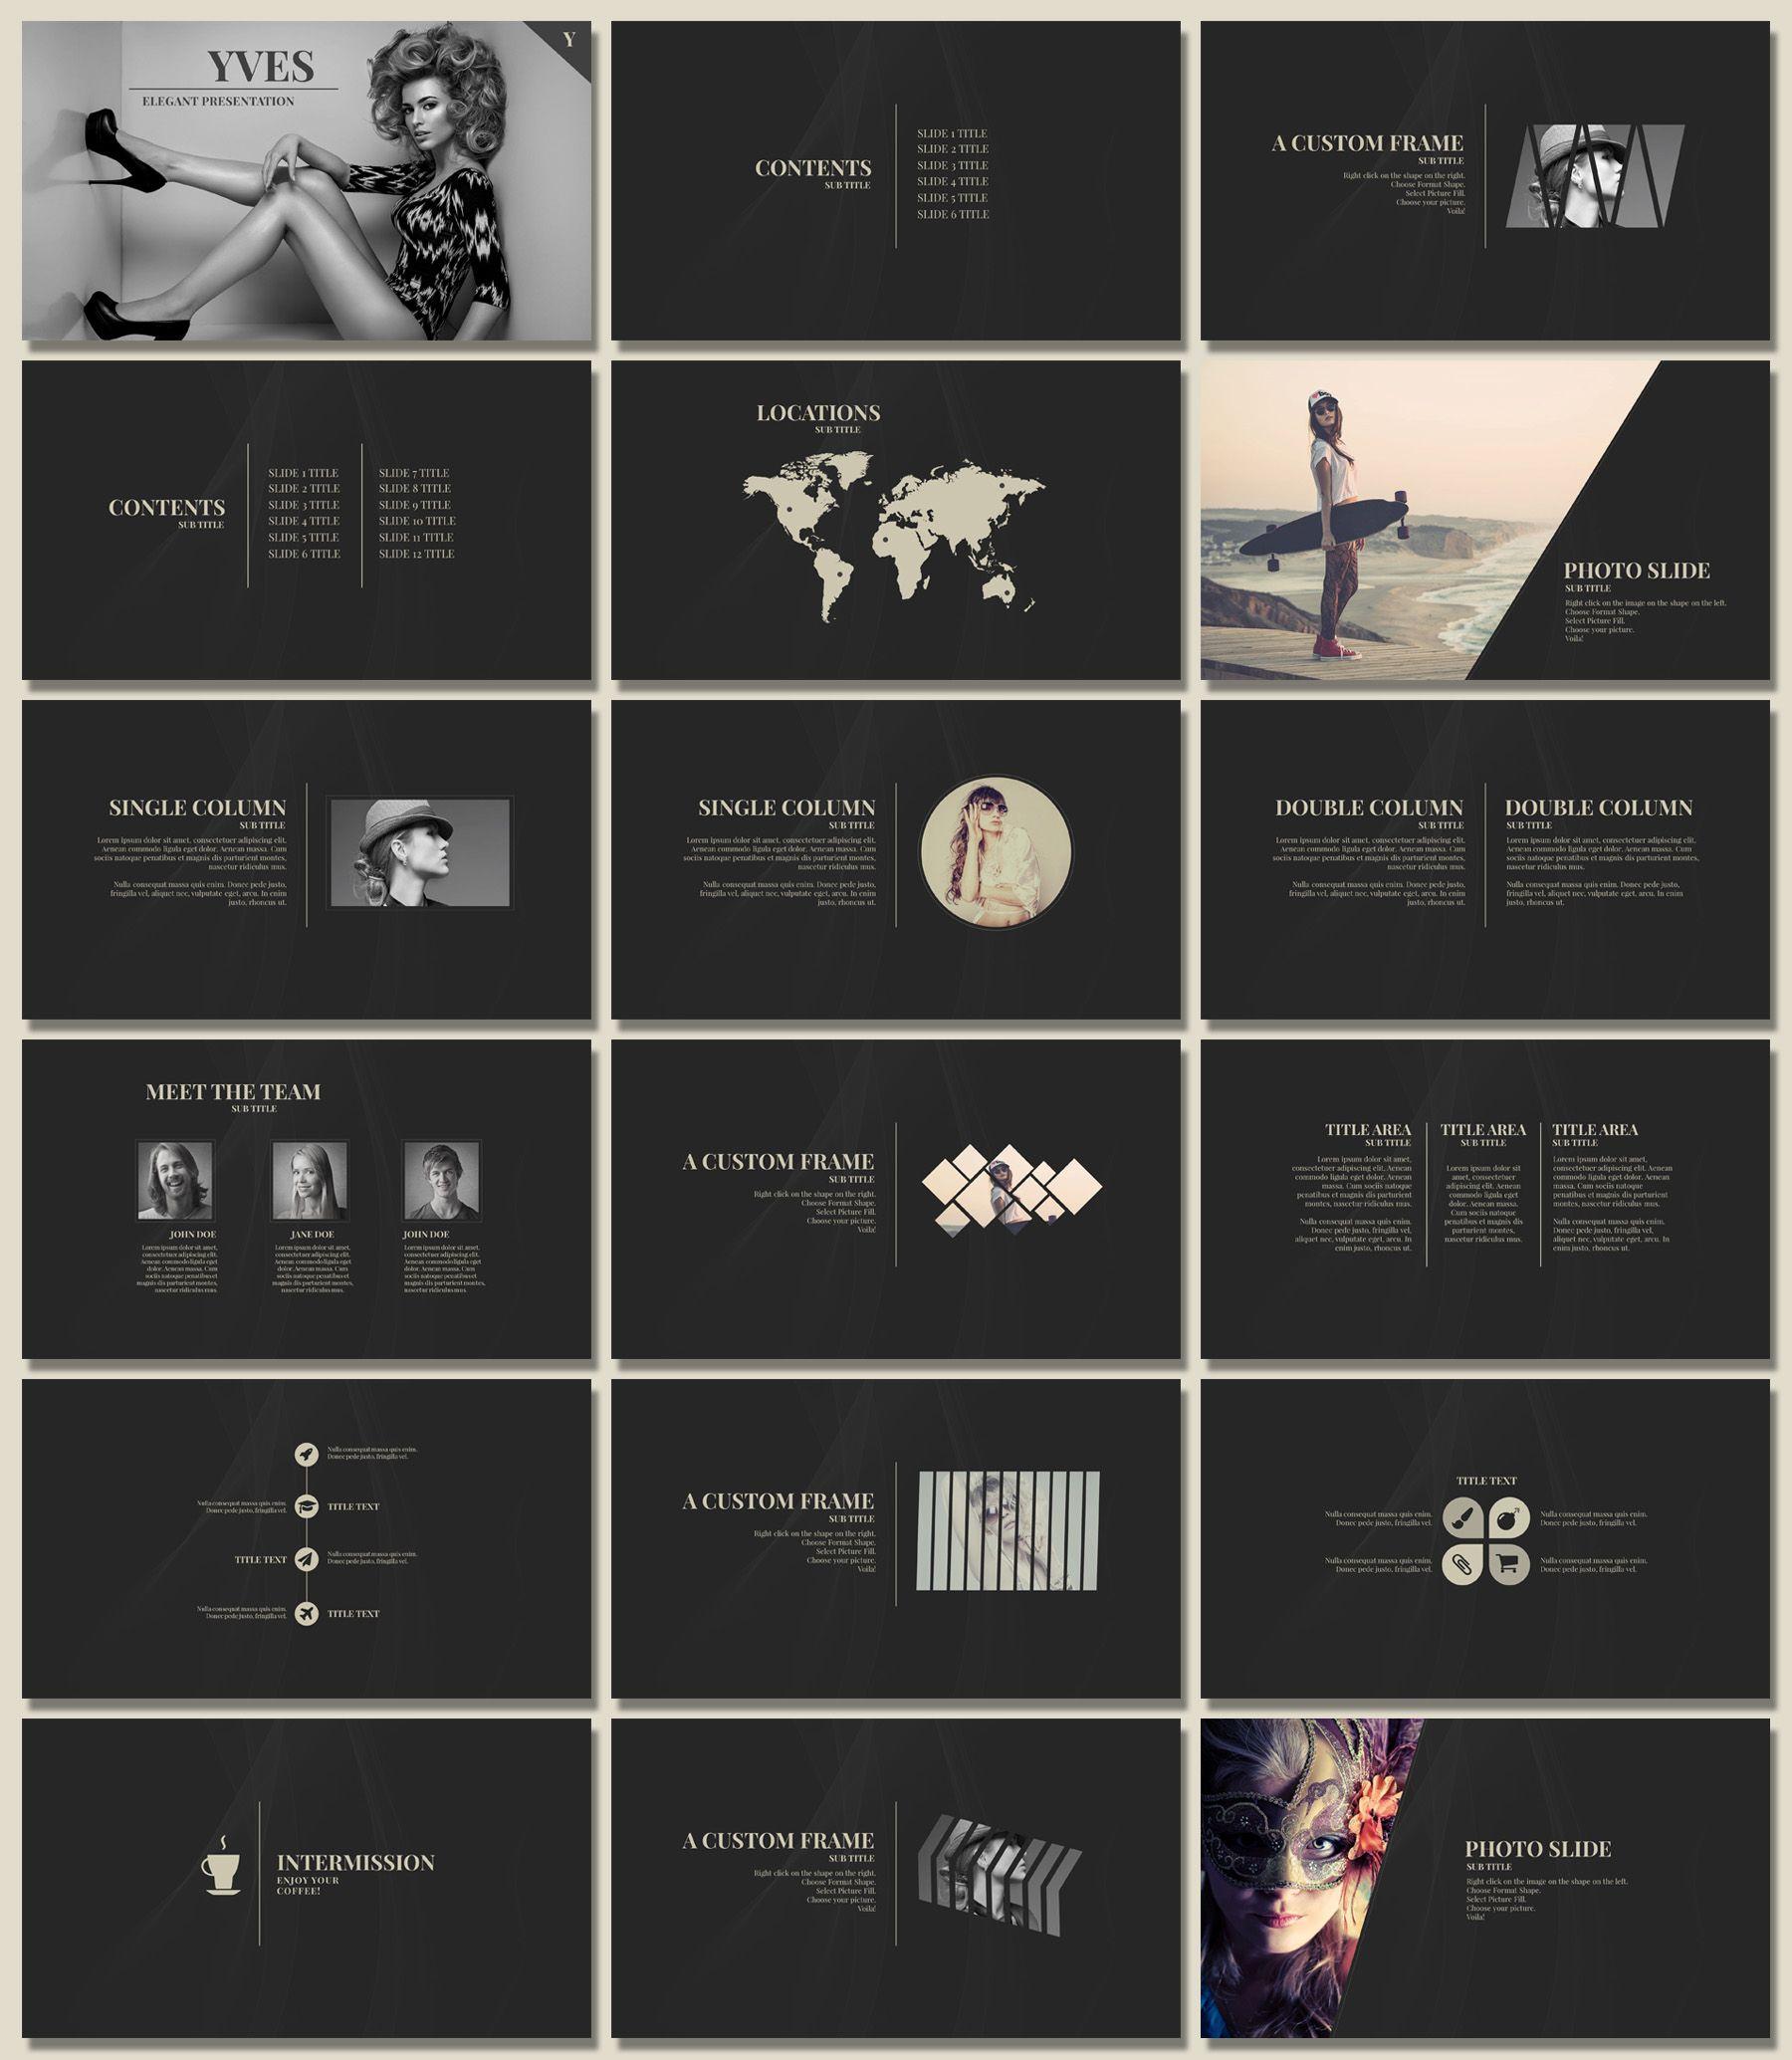 Yves Elegant Presentation Presentation Layout Powerpoint